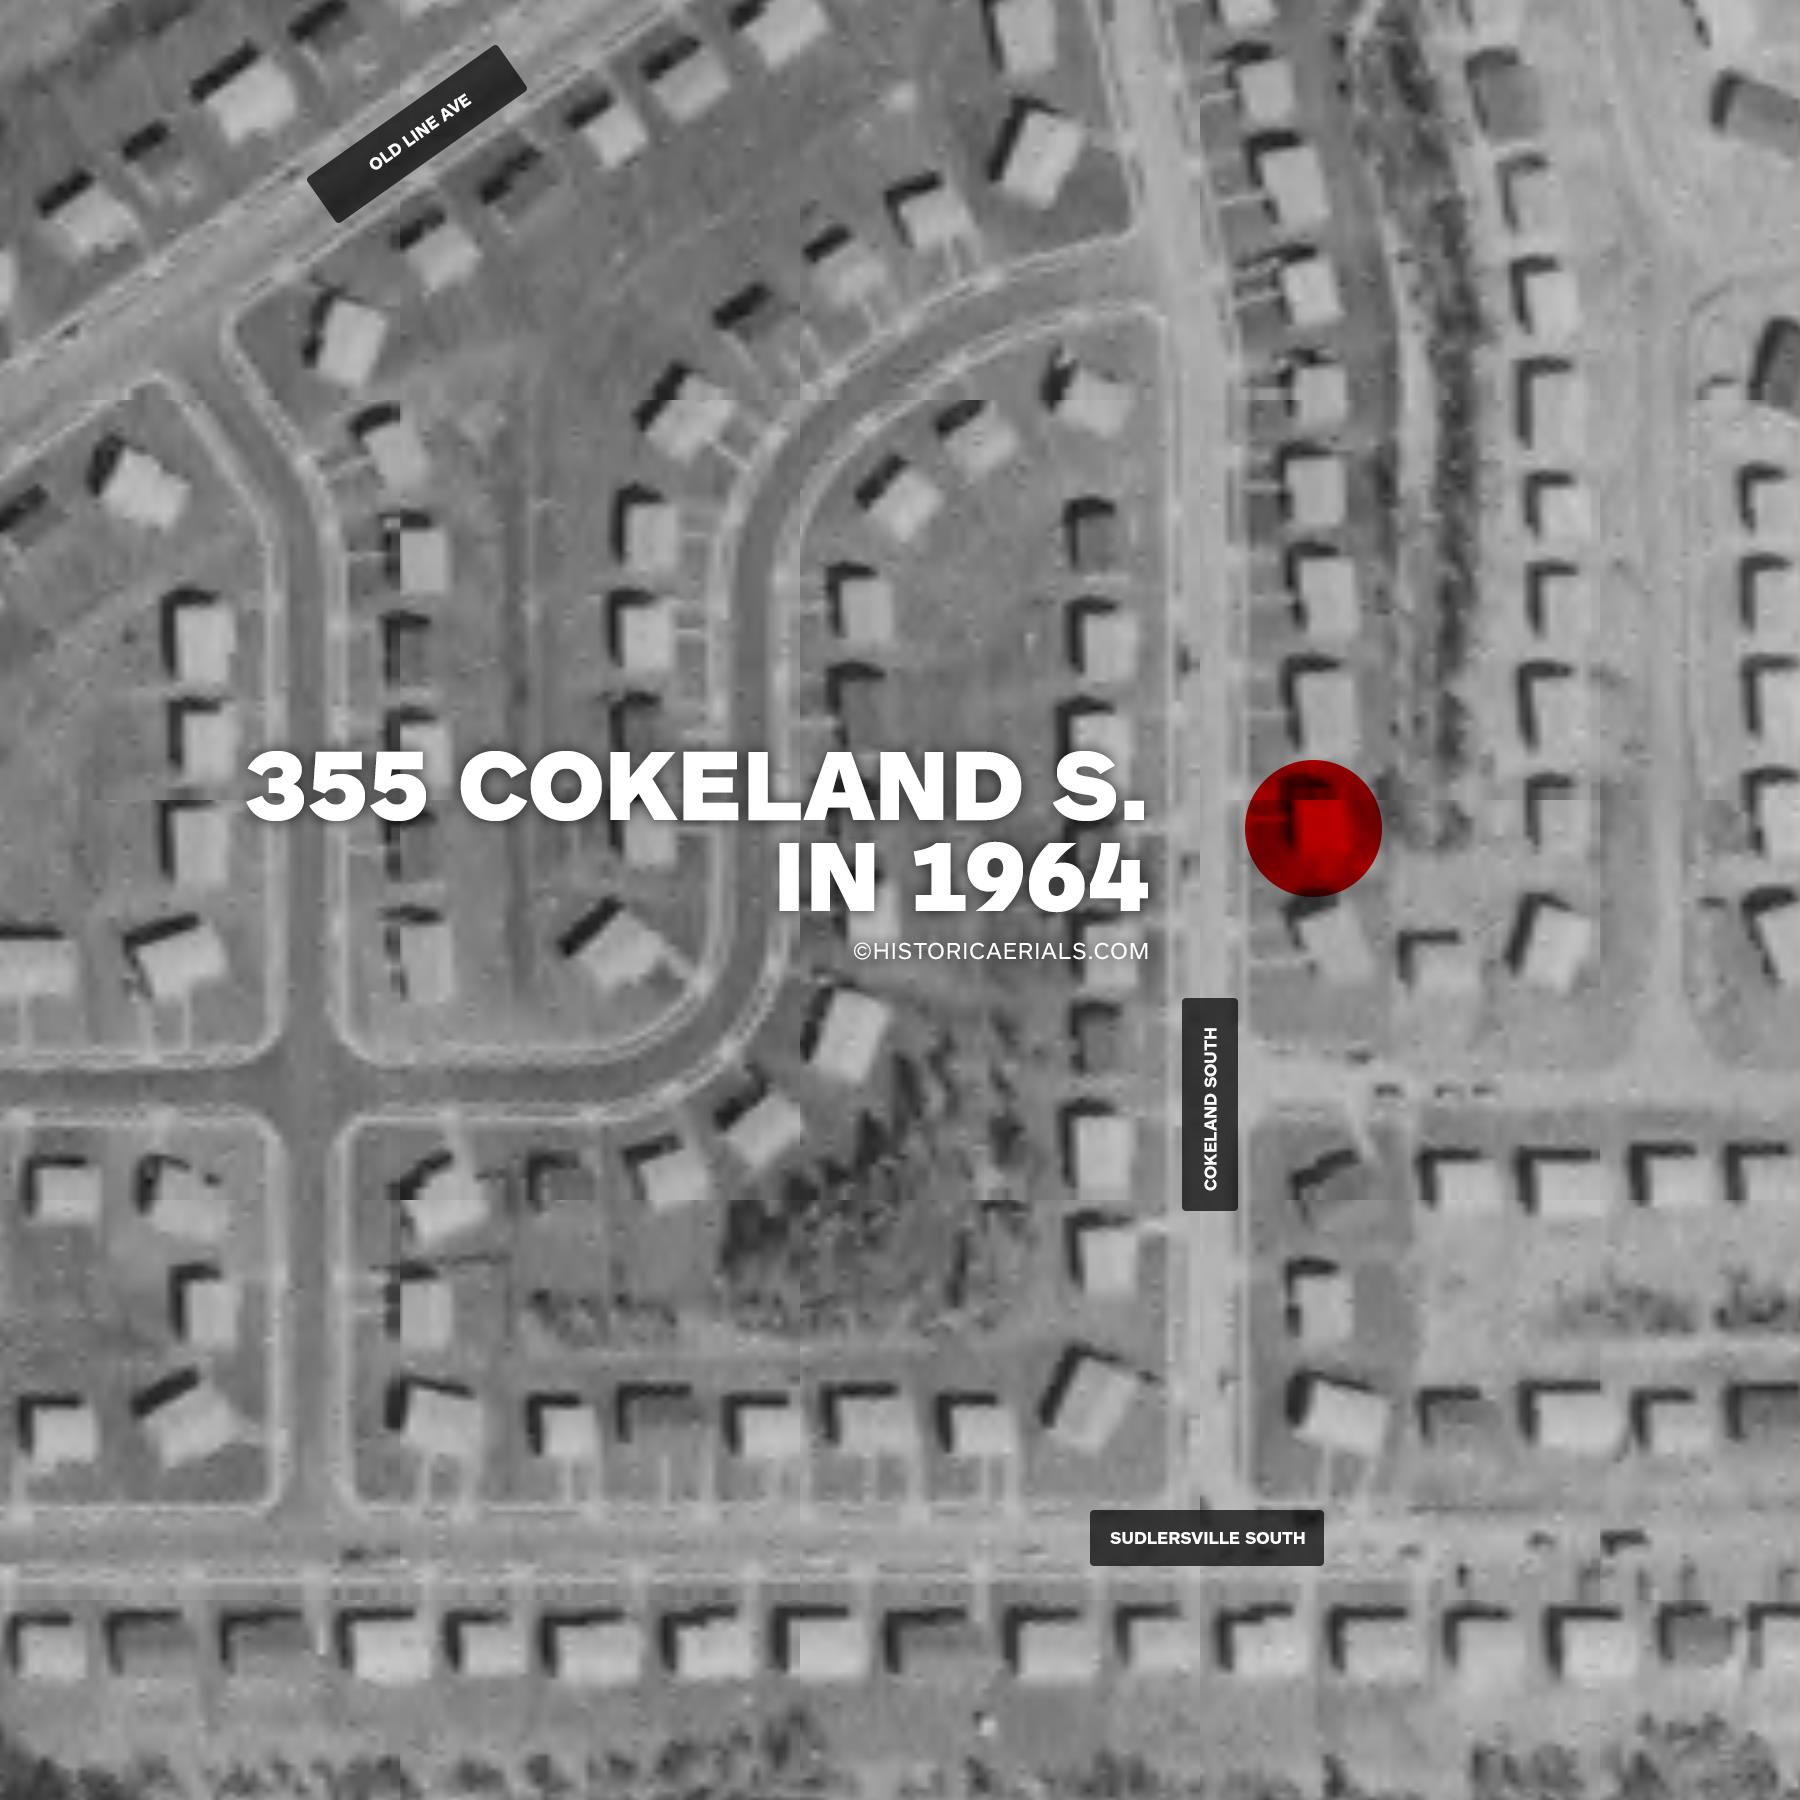 1964-355-cokeland-s